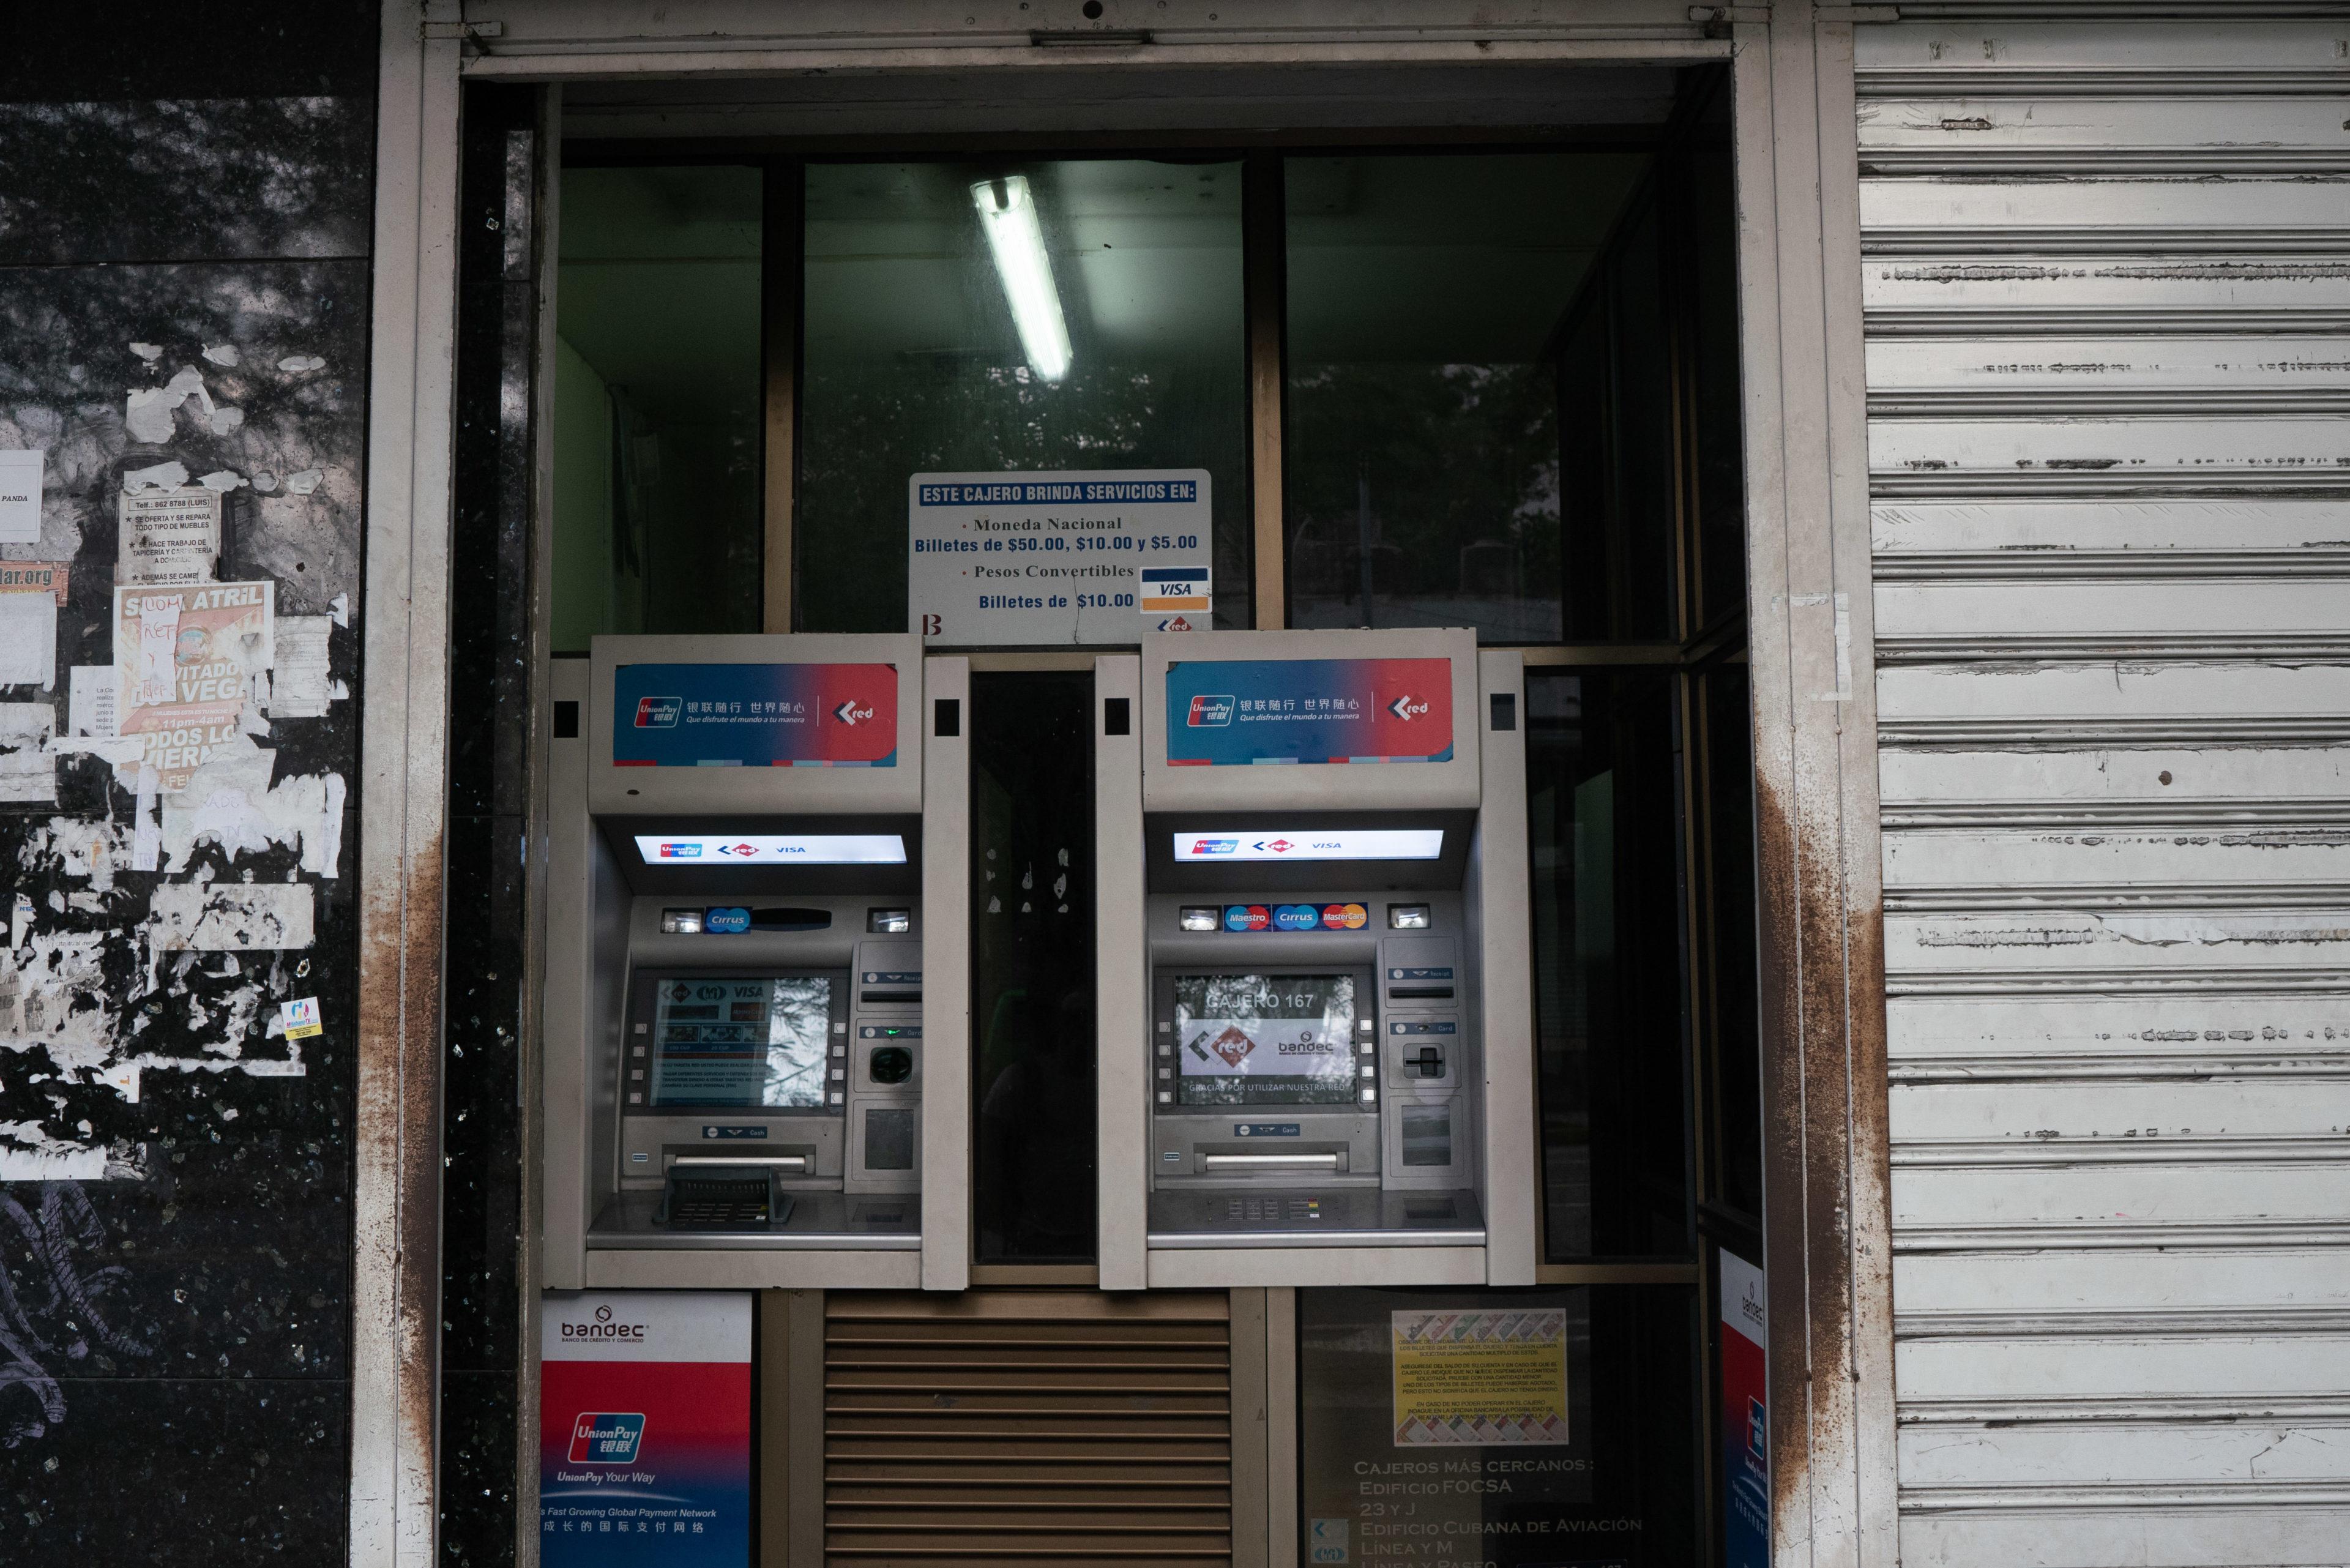 Geld abheben an einem Geldautomaten auf Kuba